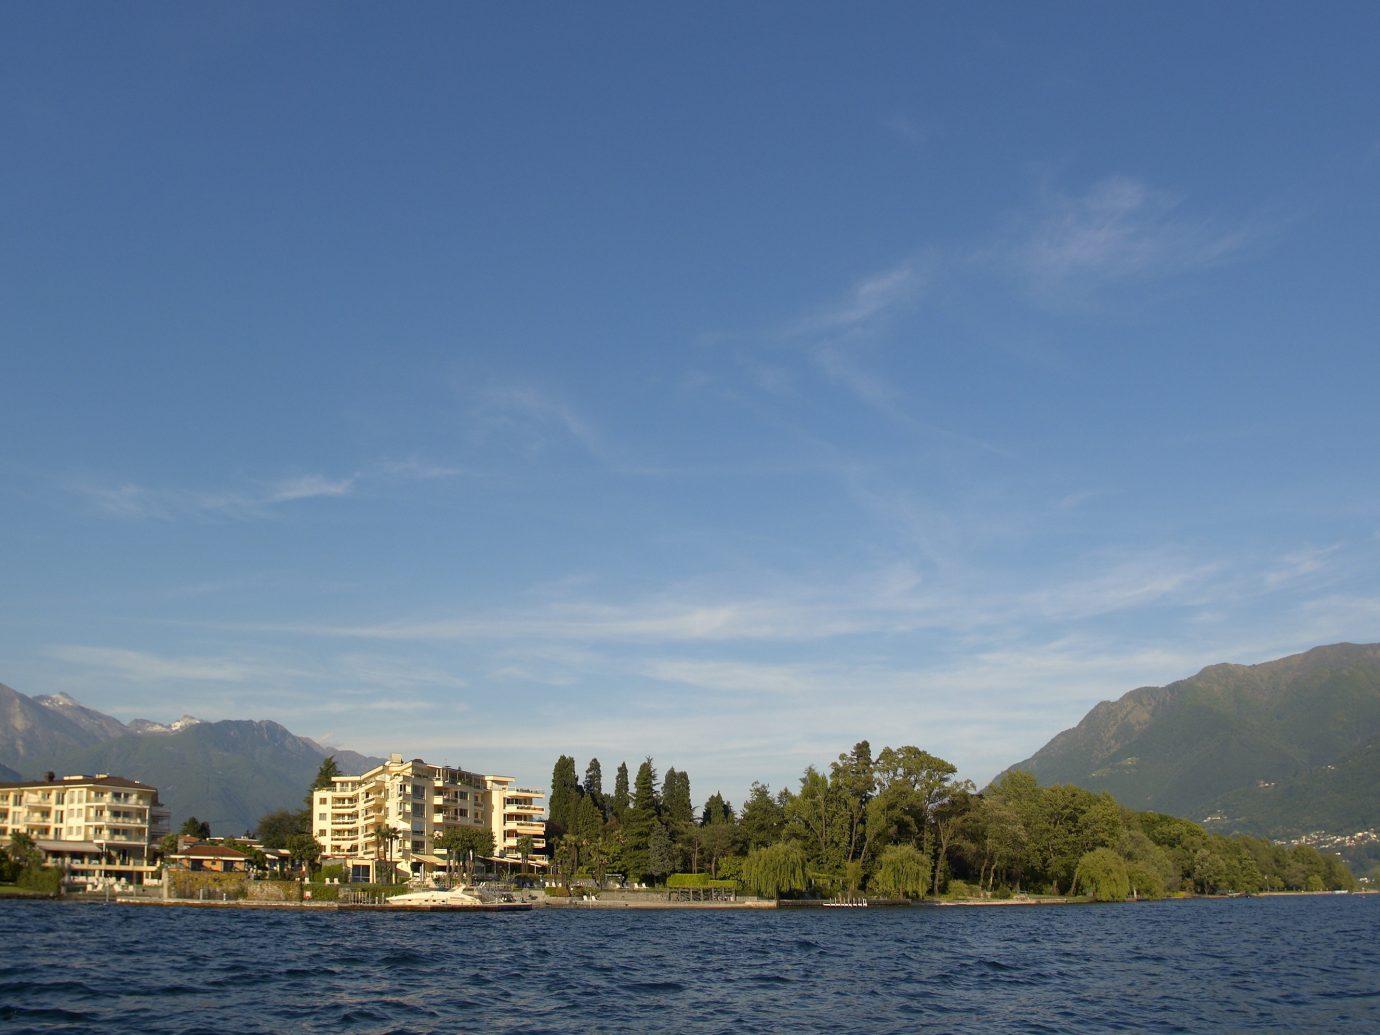 View of Hotel Eden Roc in Lake Maggiore